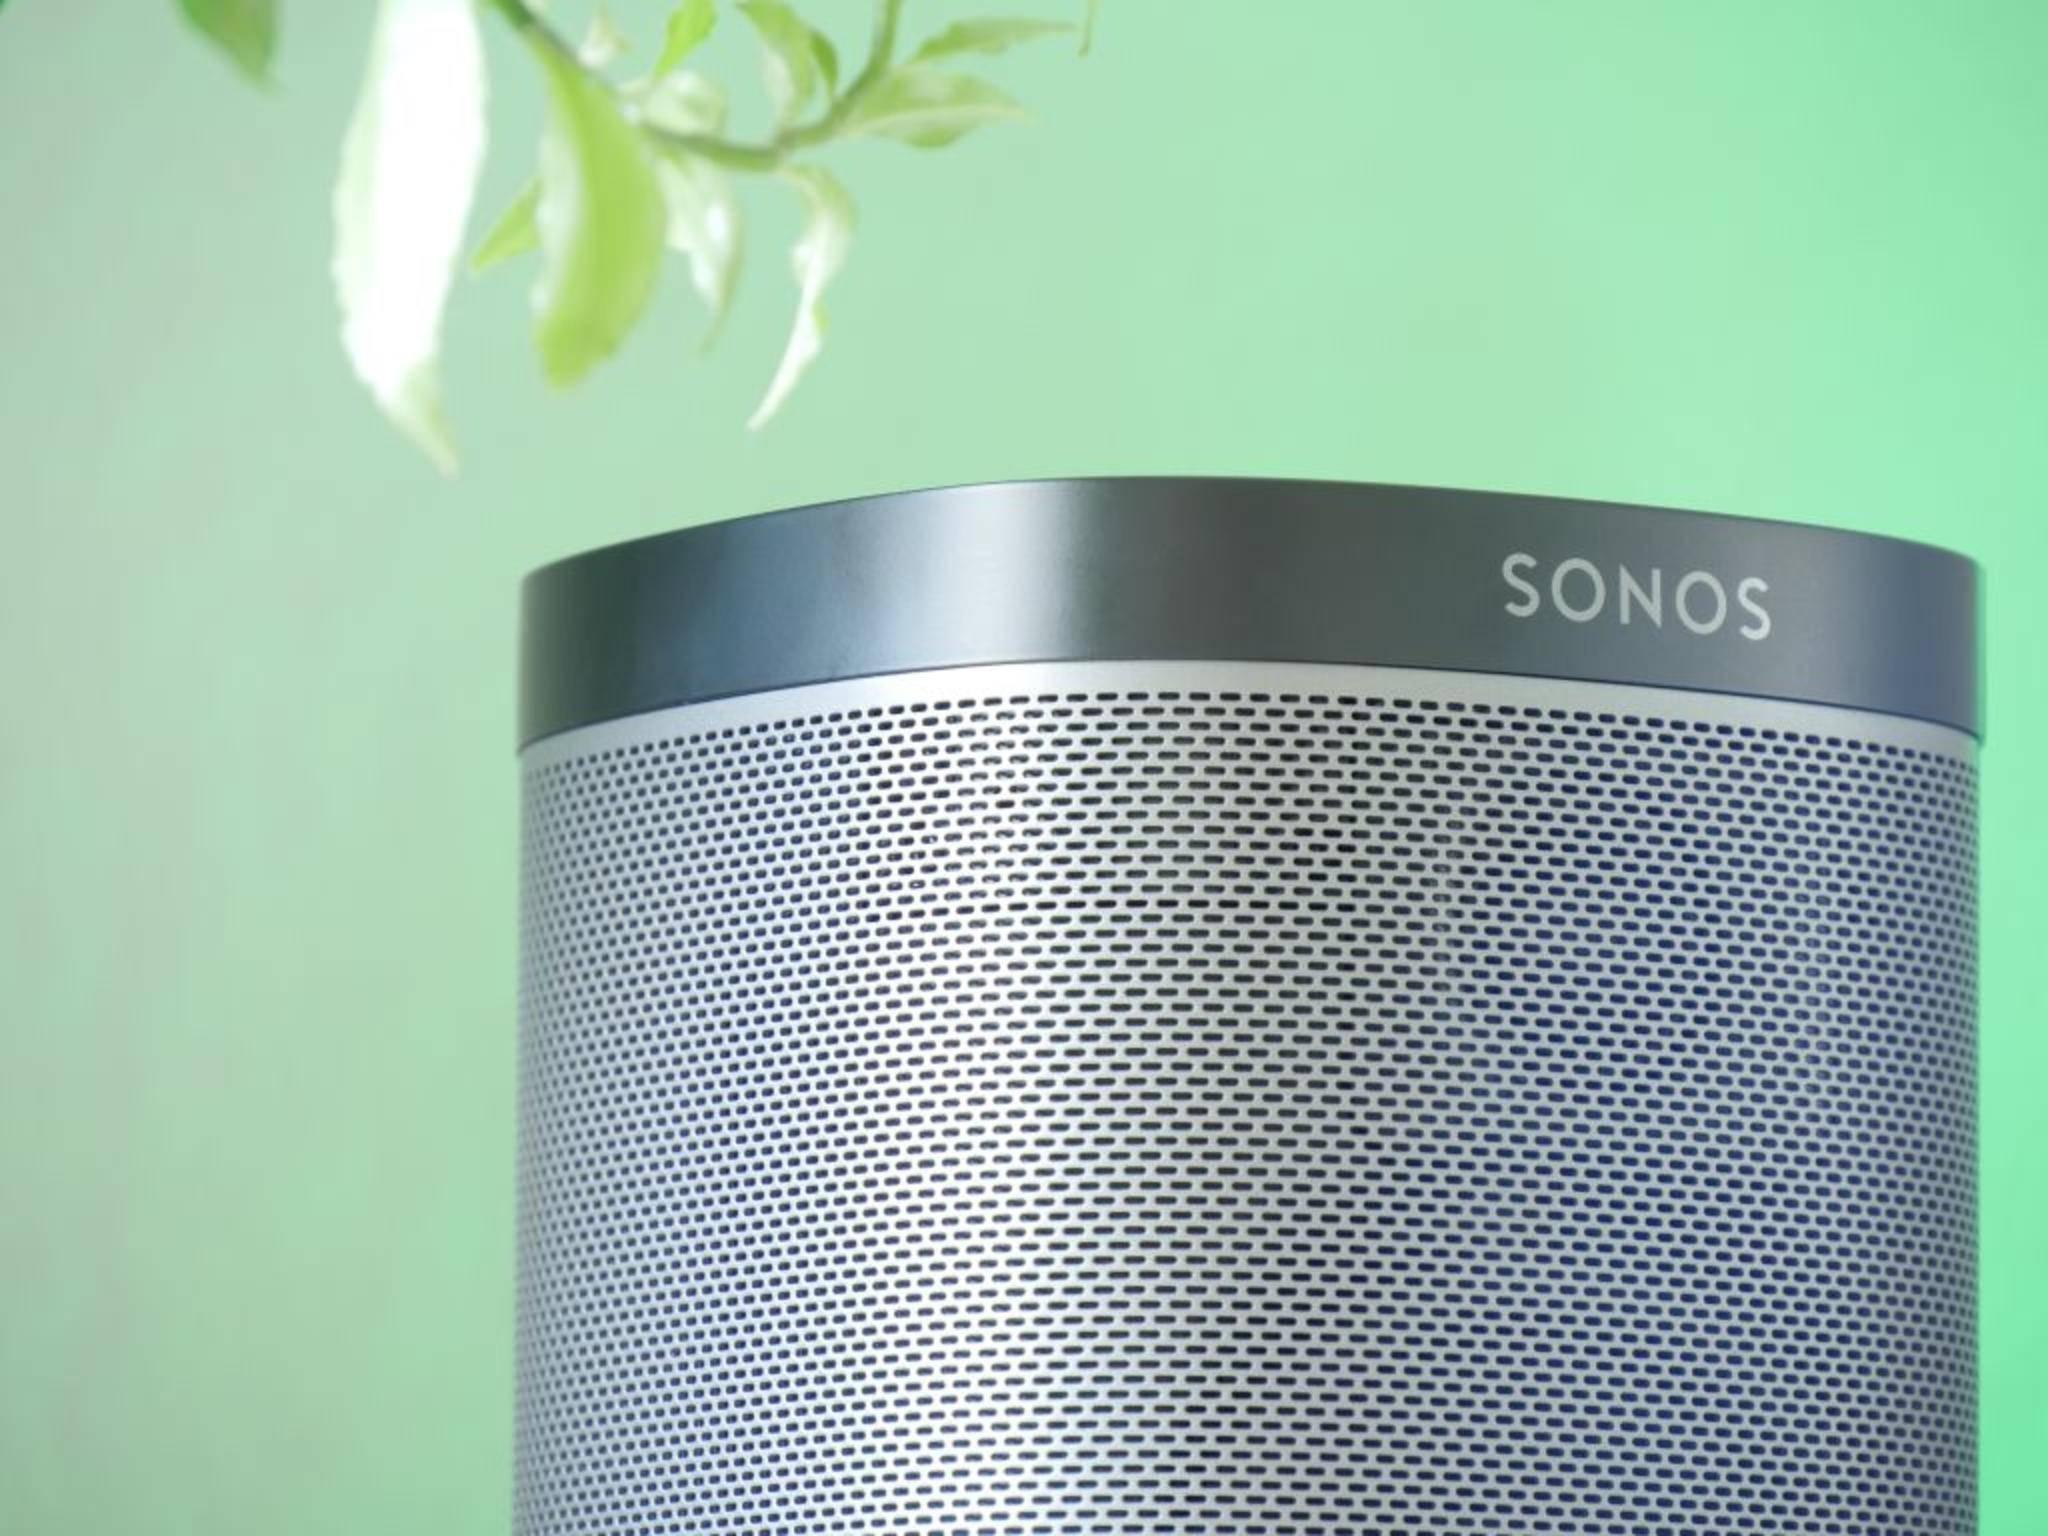 Für den Play 1 von Sonos gibt es ein umfangreiches Software-Update.